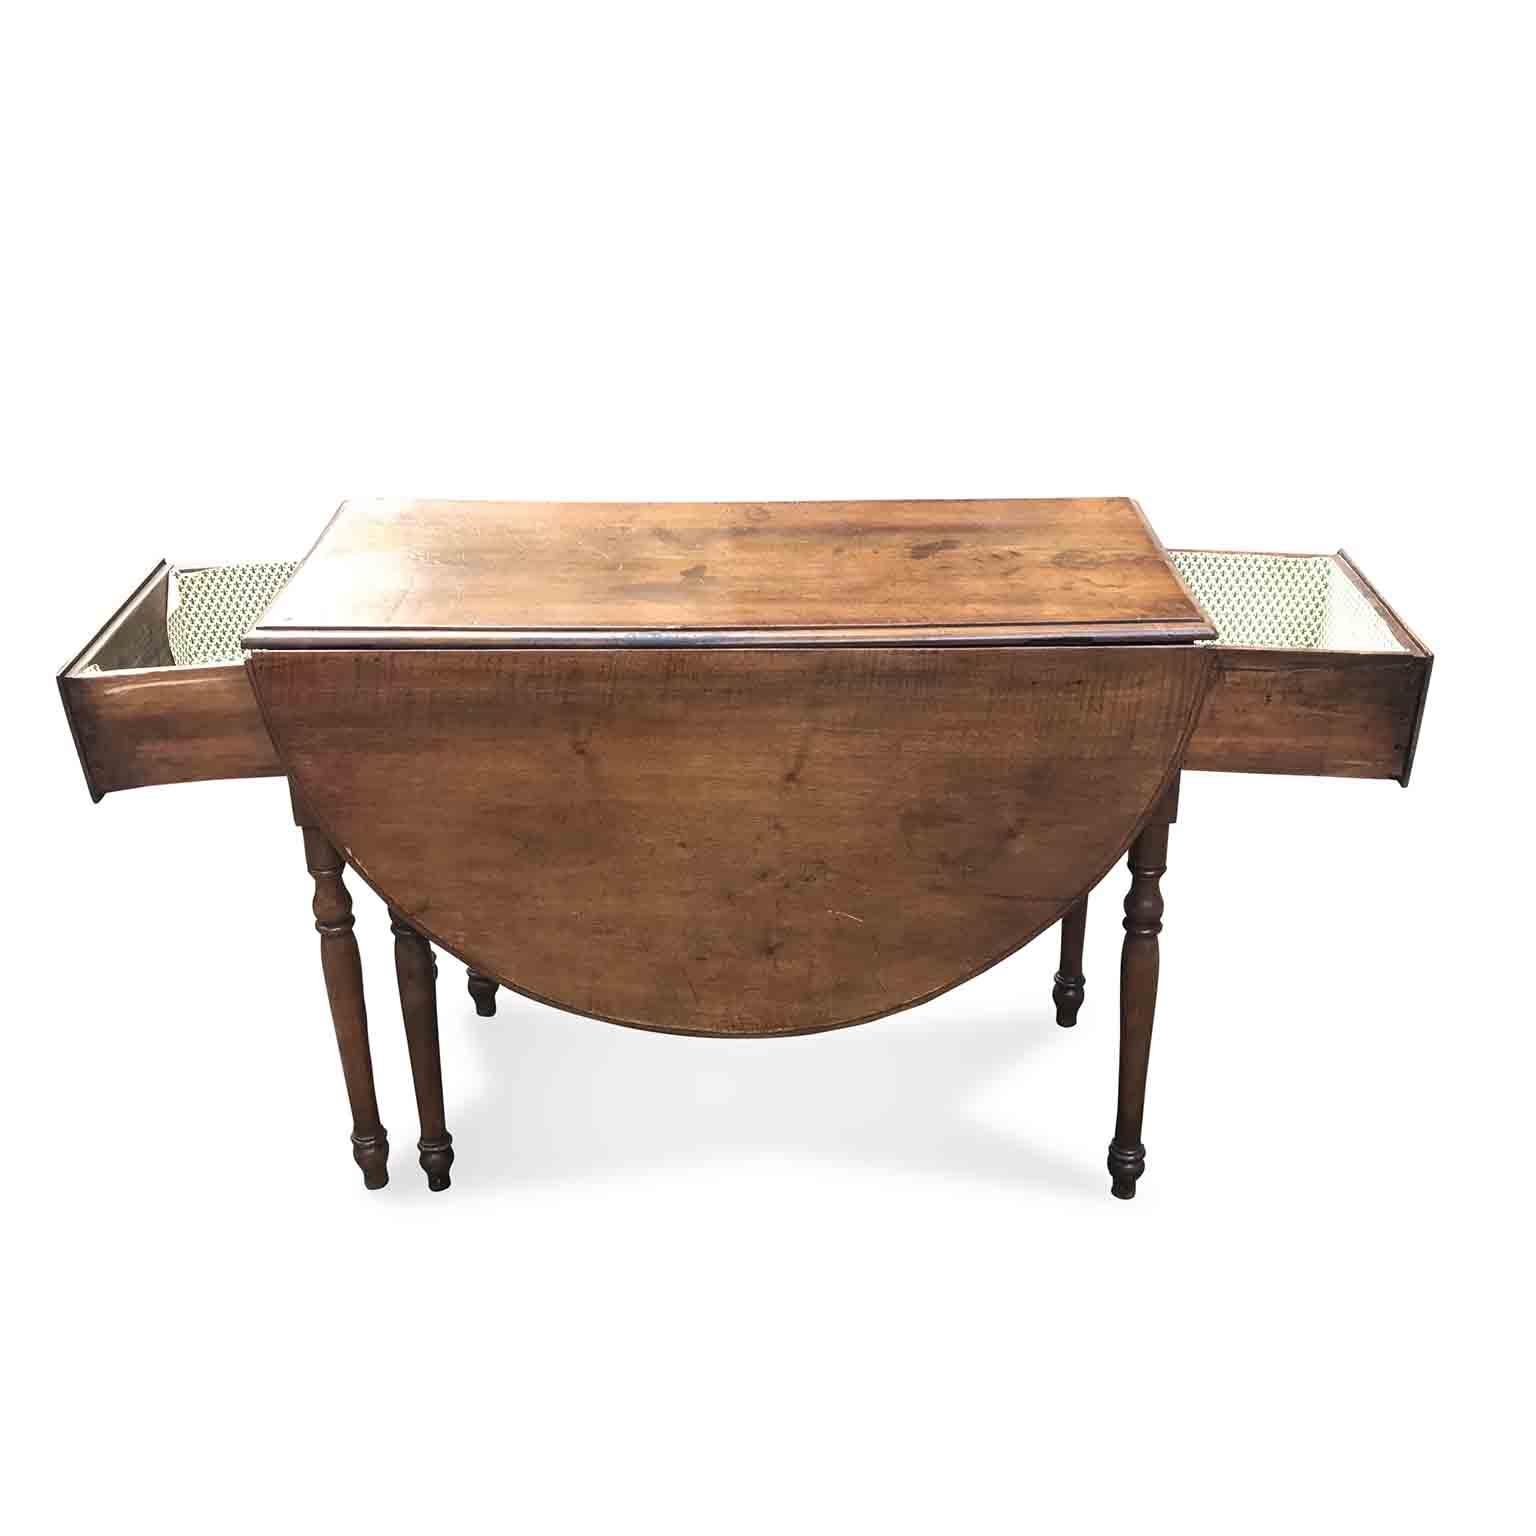 Tavolo antico in noce a bandelle in buono stato di conservazione